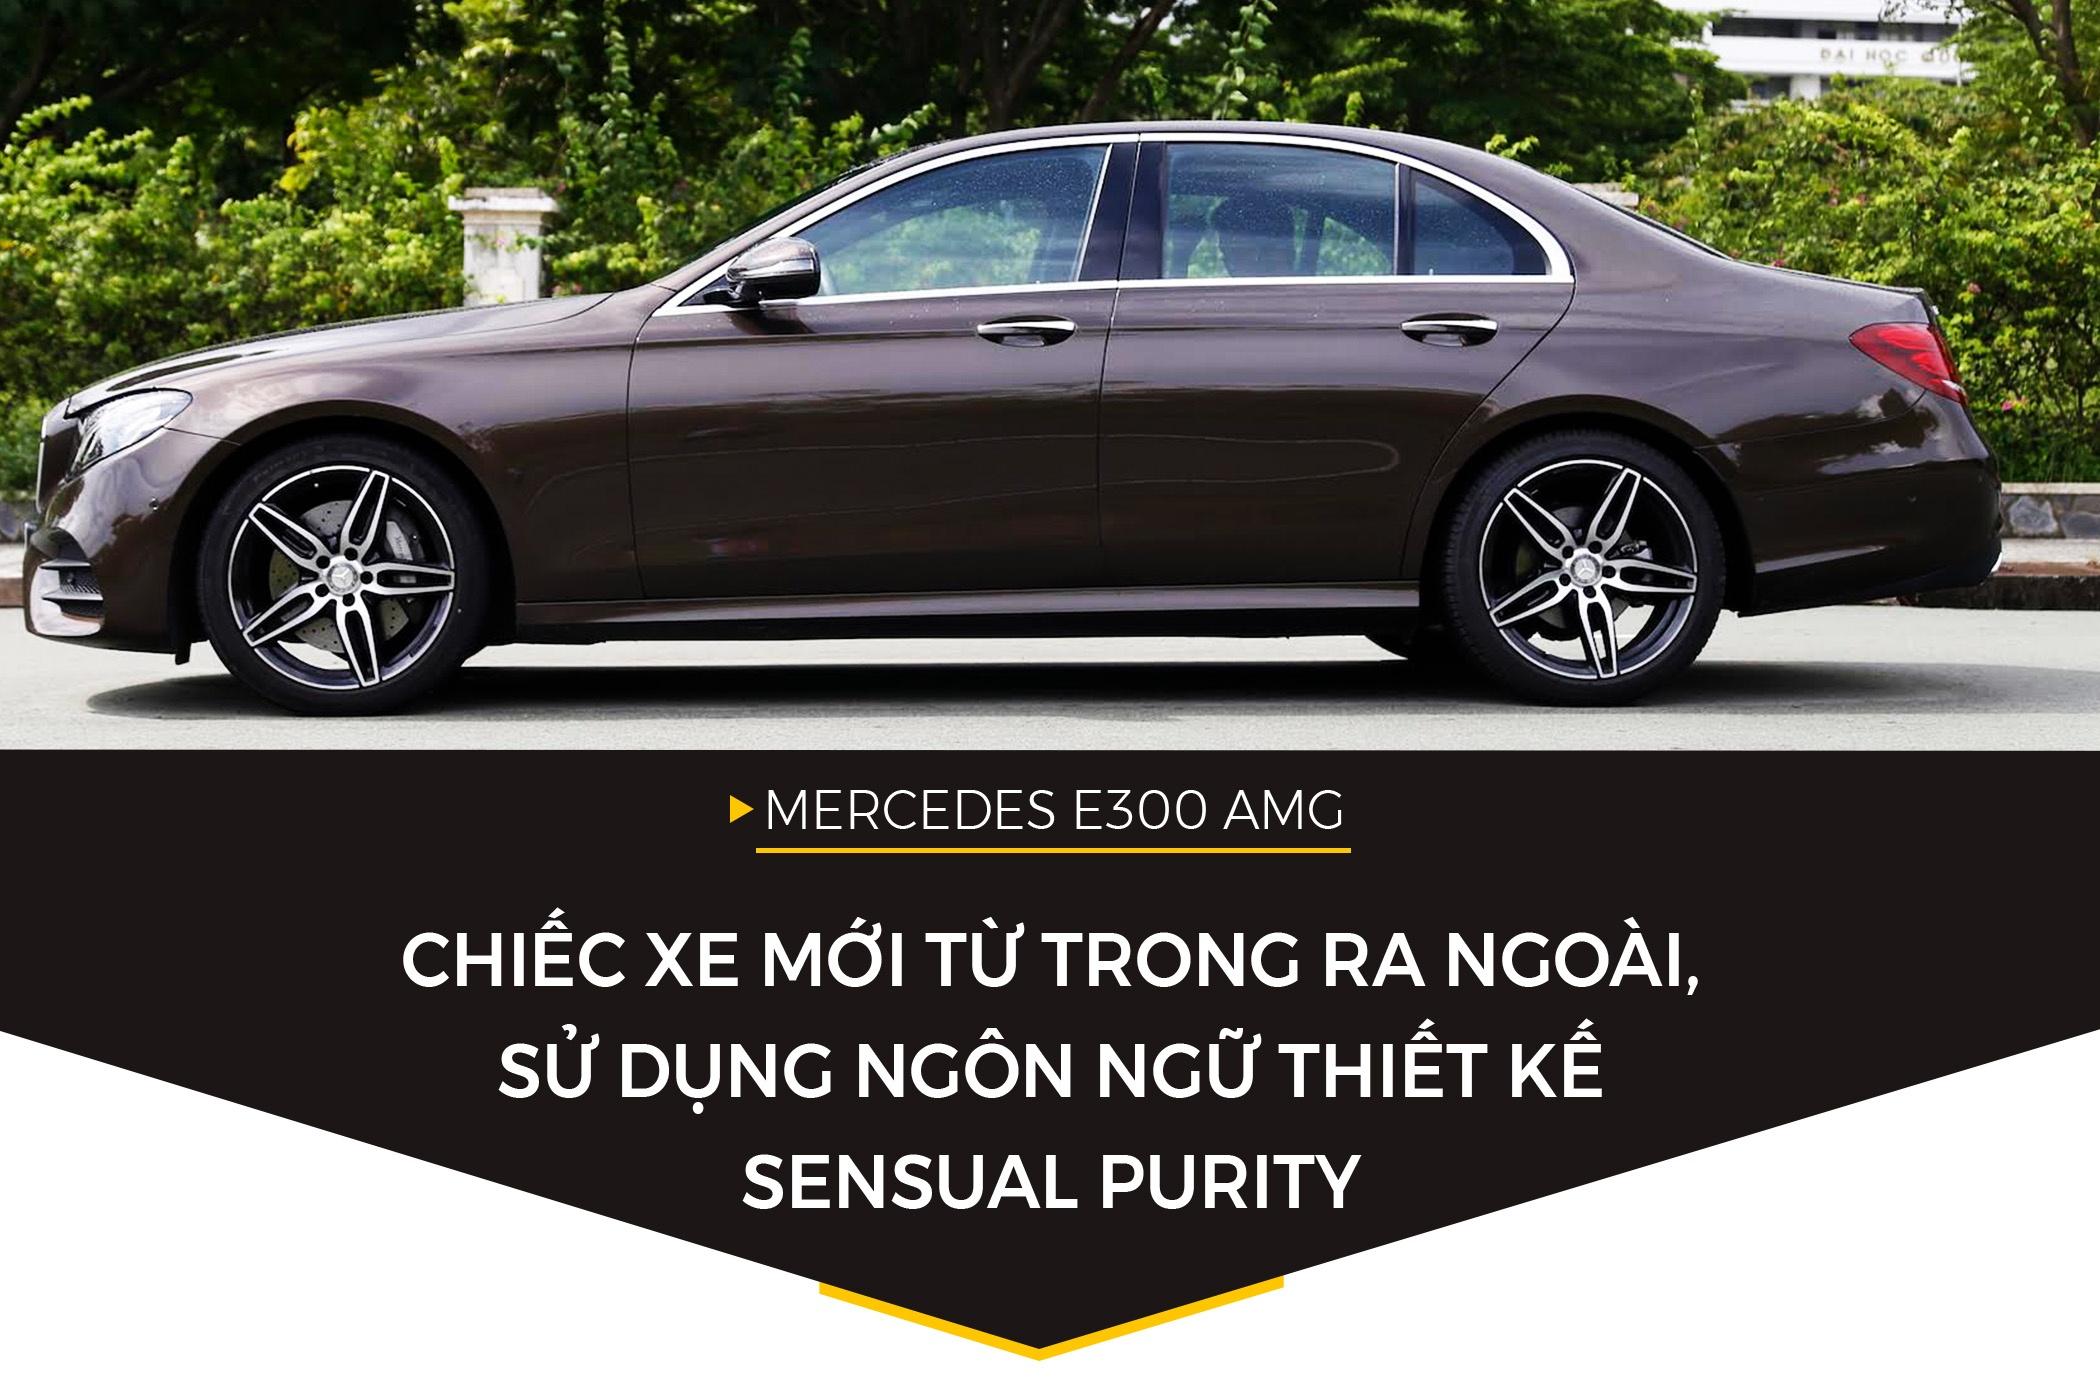 Mercedes E300 AMG - sedan hang sang gia 3 ty dong tai Viet Nam hinh anh 2